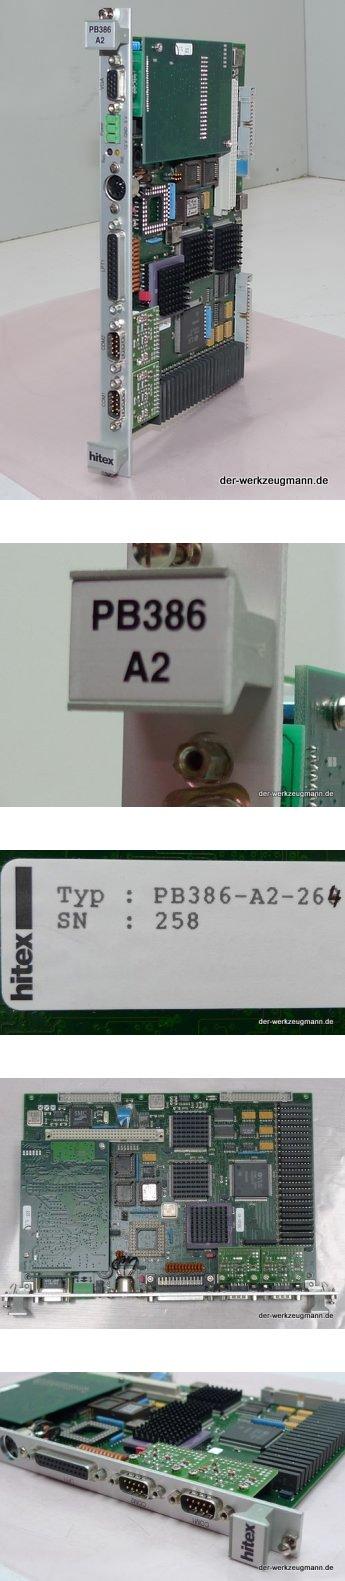 AEG hitex PB386-A2-264 SN:258 CPU 386